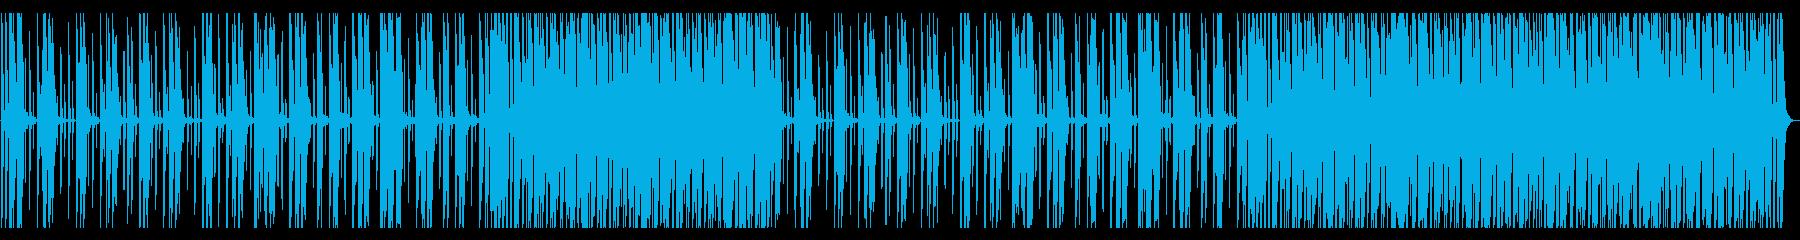 単調なテクノの再生済みの波形